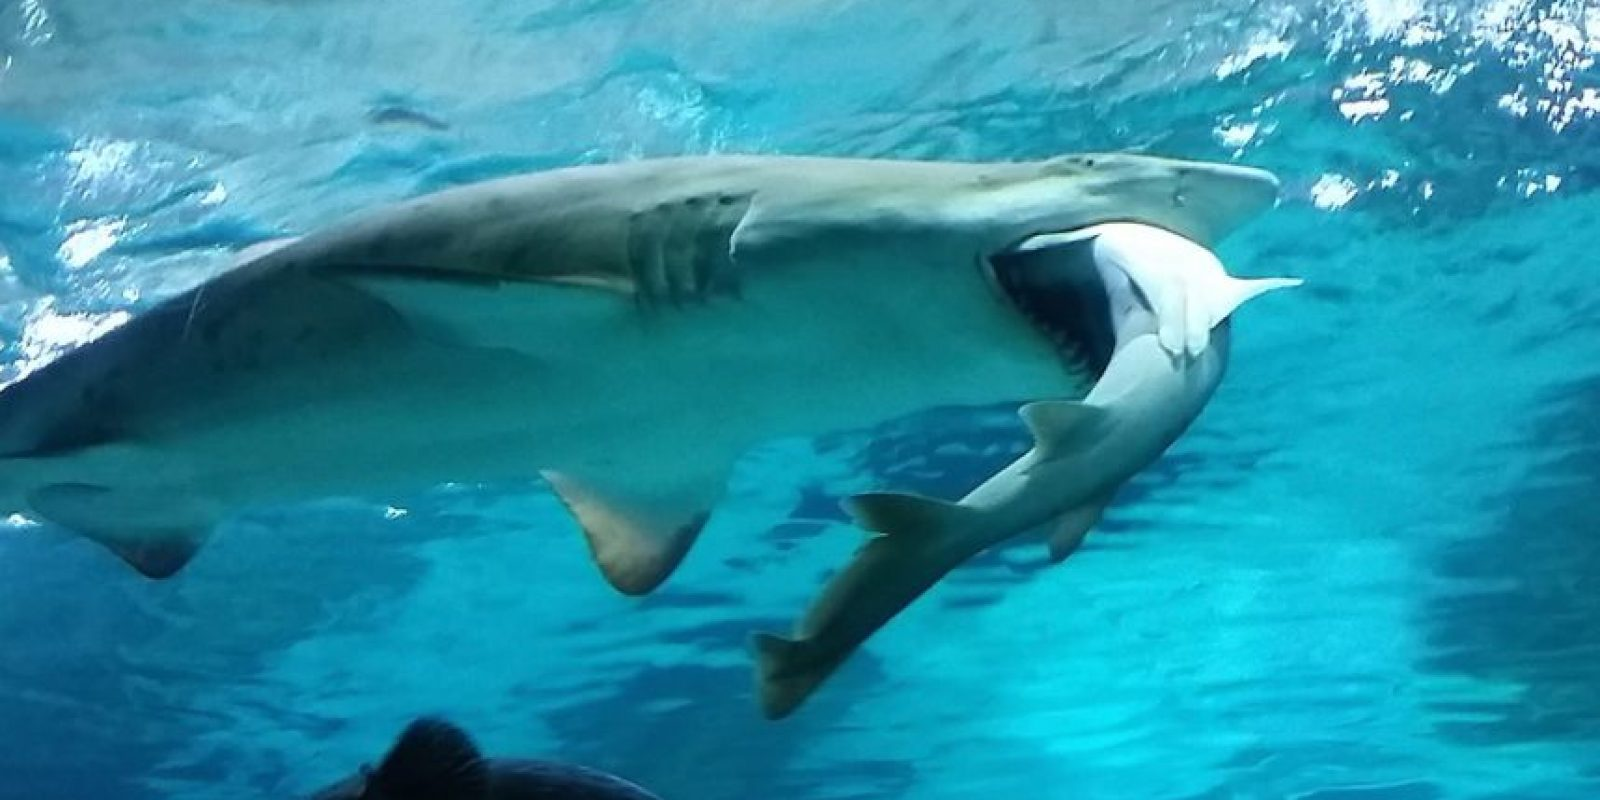 Los hábitos de alimentación de los tiburones se ven afectados por las fases lunares, que controlan mareas y les atraen a los puertos. Foto:Getty Images. Imagen Por: